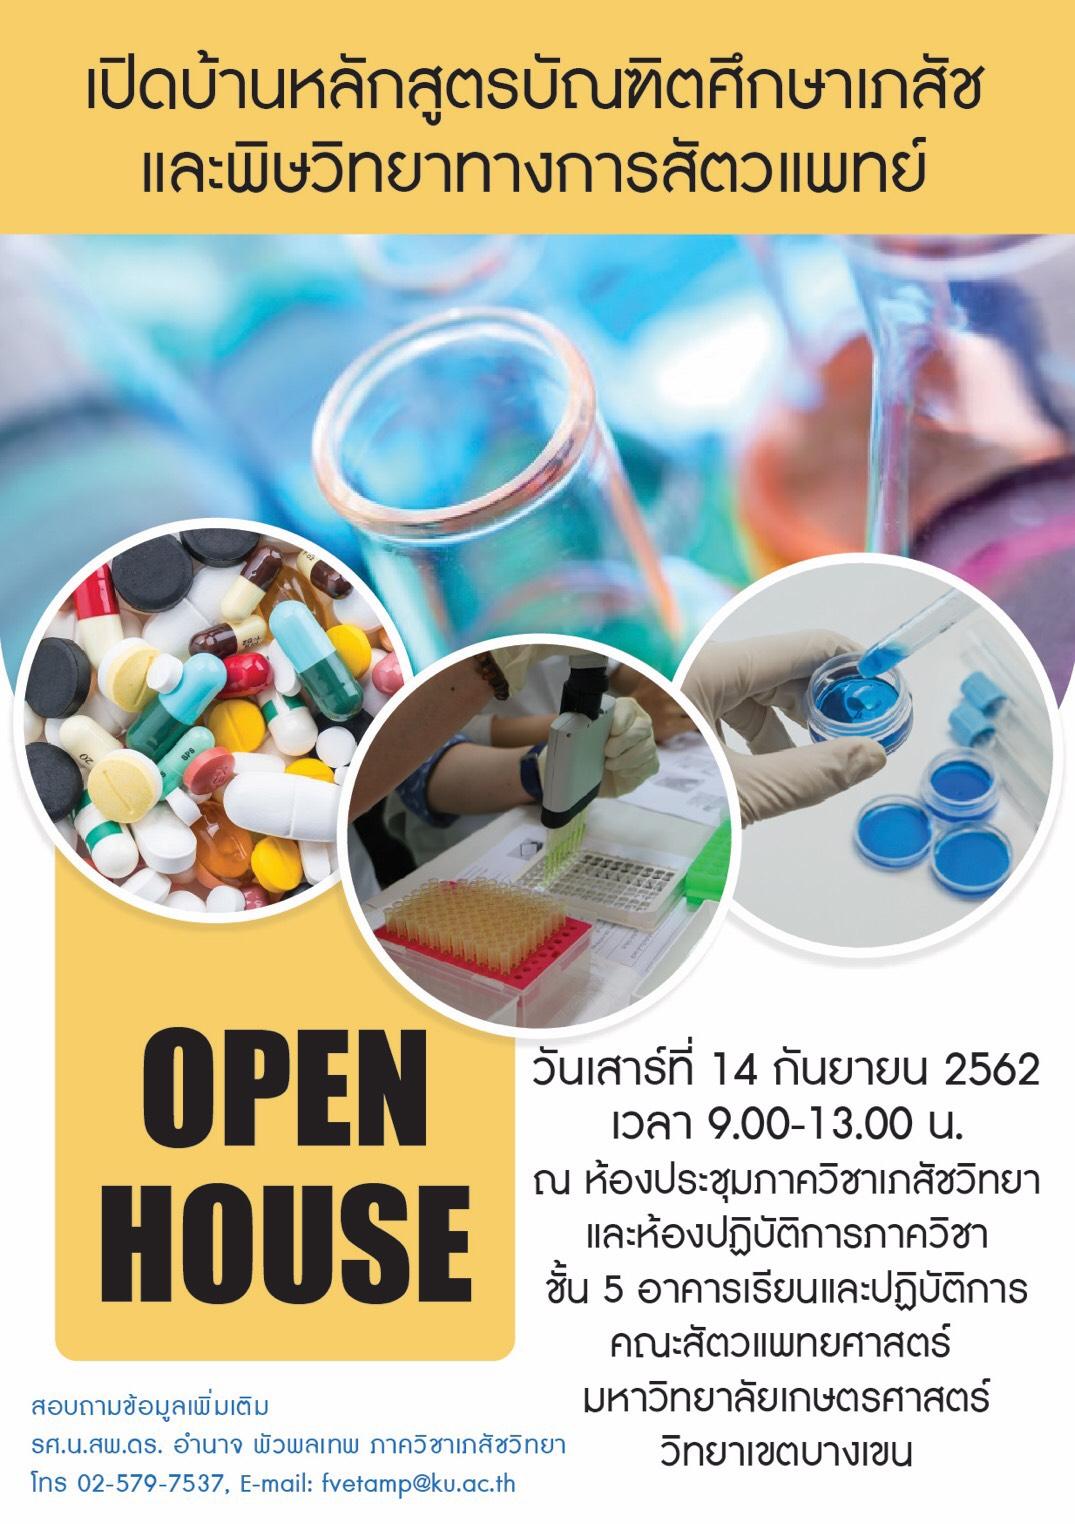 14 กันยายน 2562 เปิดบ้านหลักสูตรบัณฑิตศึกษาเภสัช และพิษวิทยาทางการสัตวแพทย์